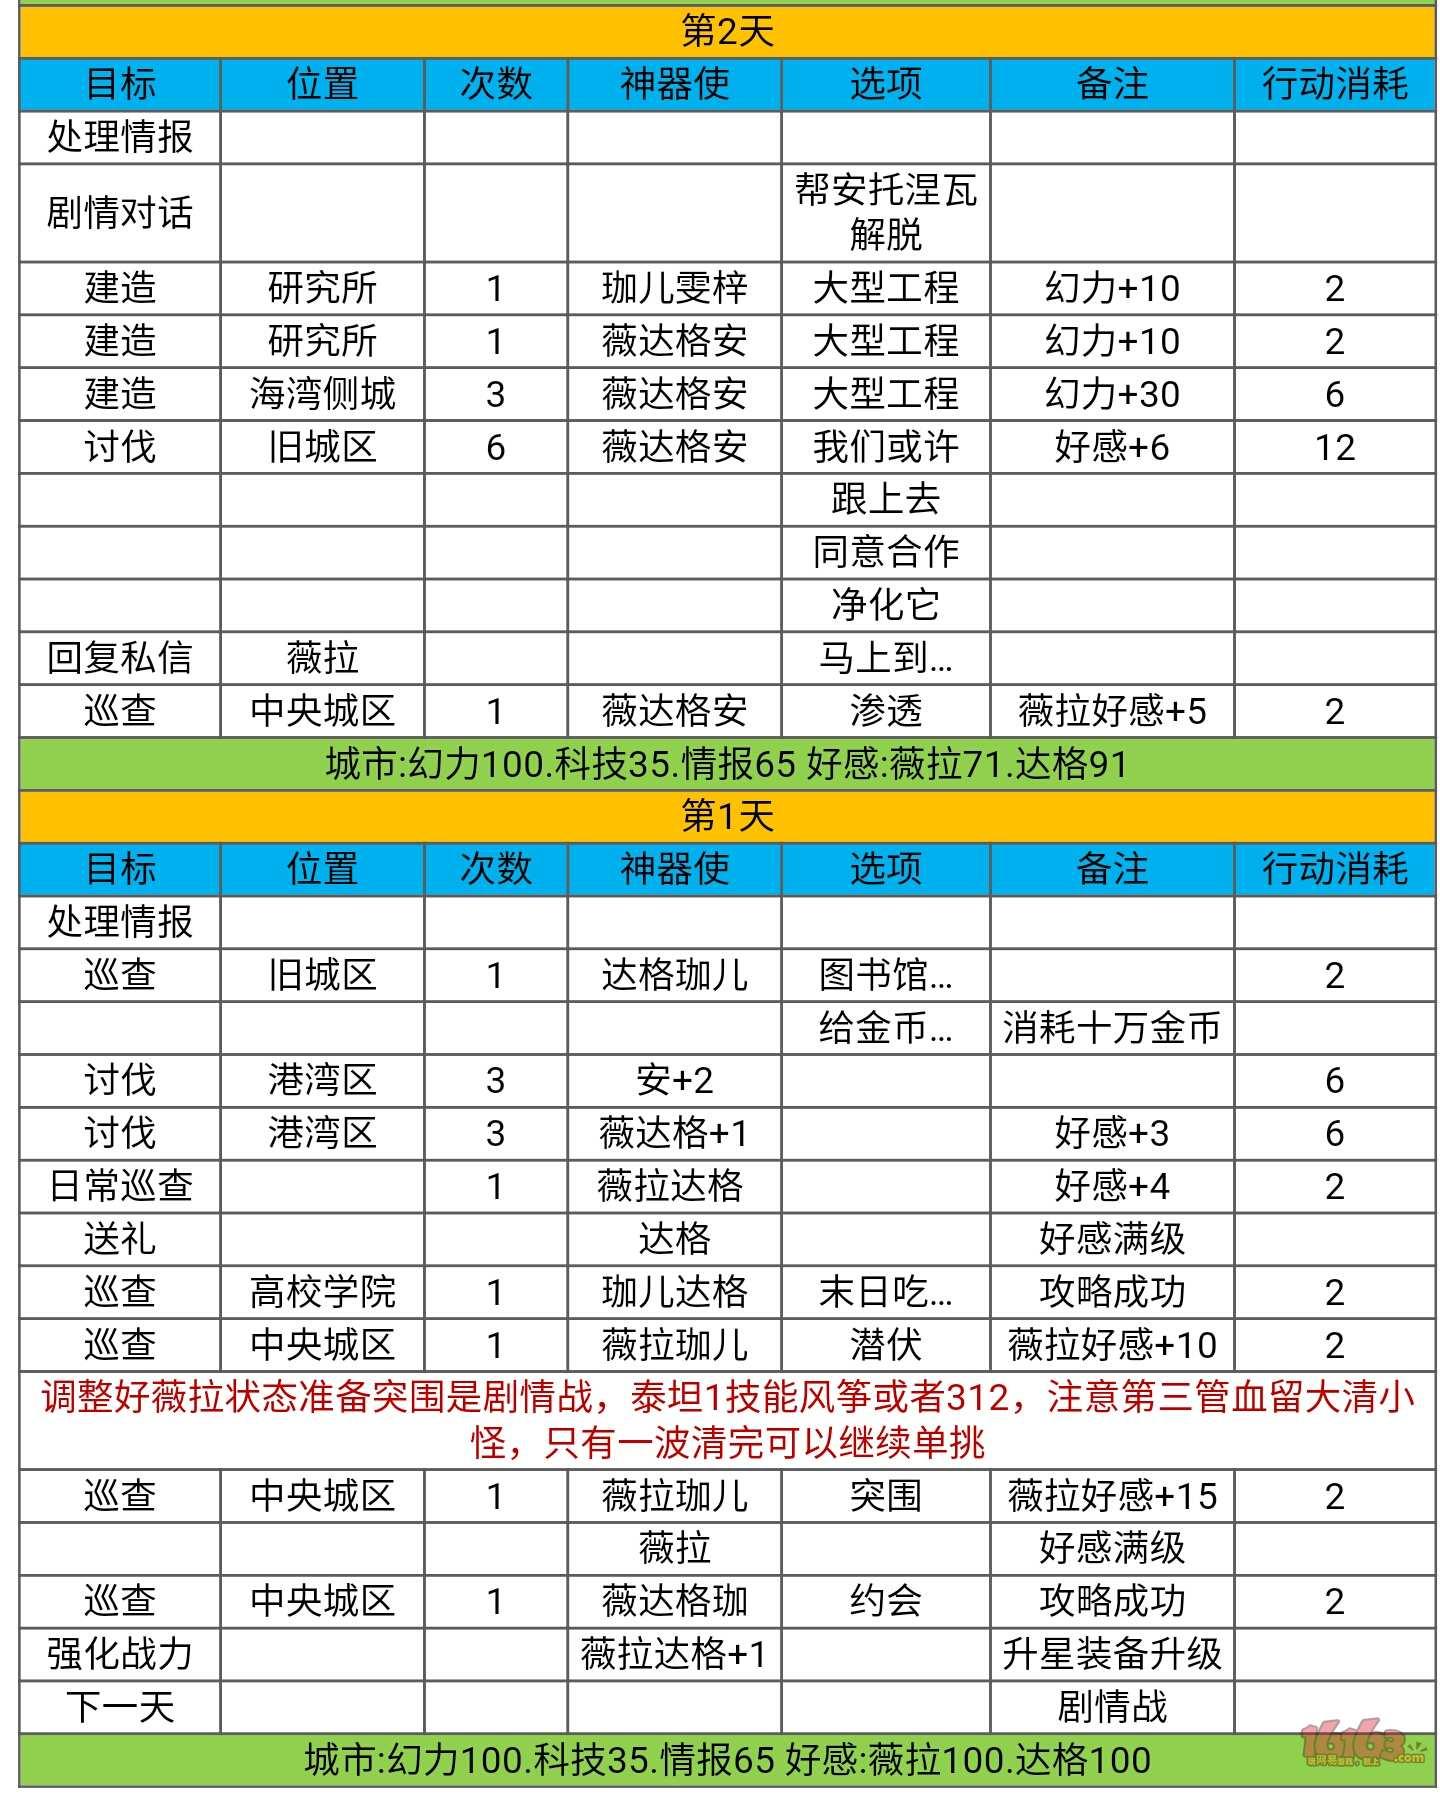 Screenshot_2017-12-14-19-56-40.jpg